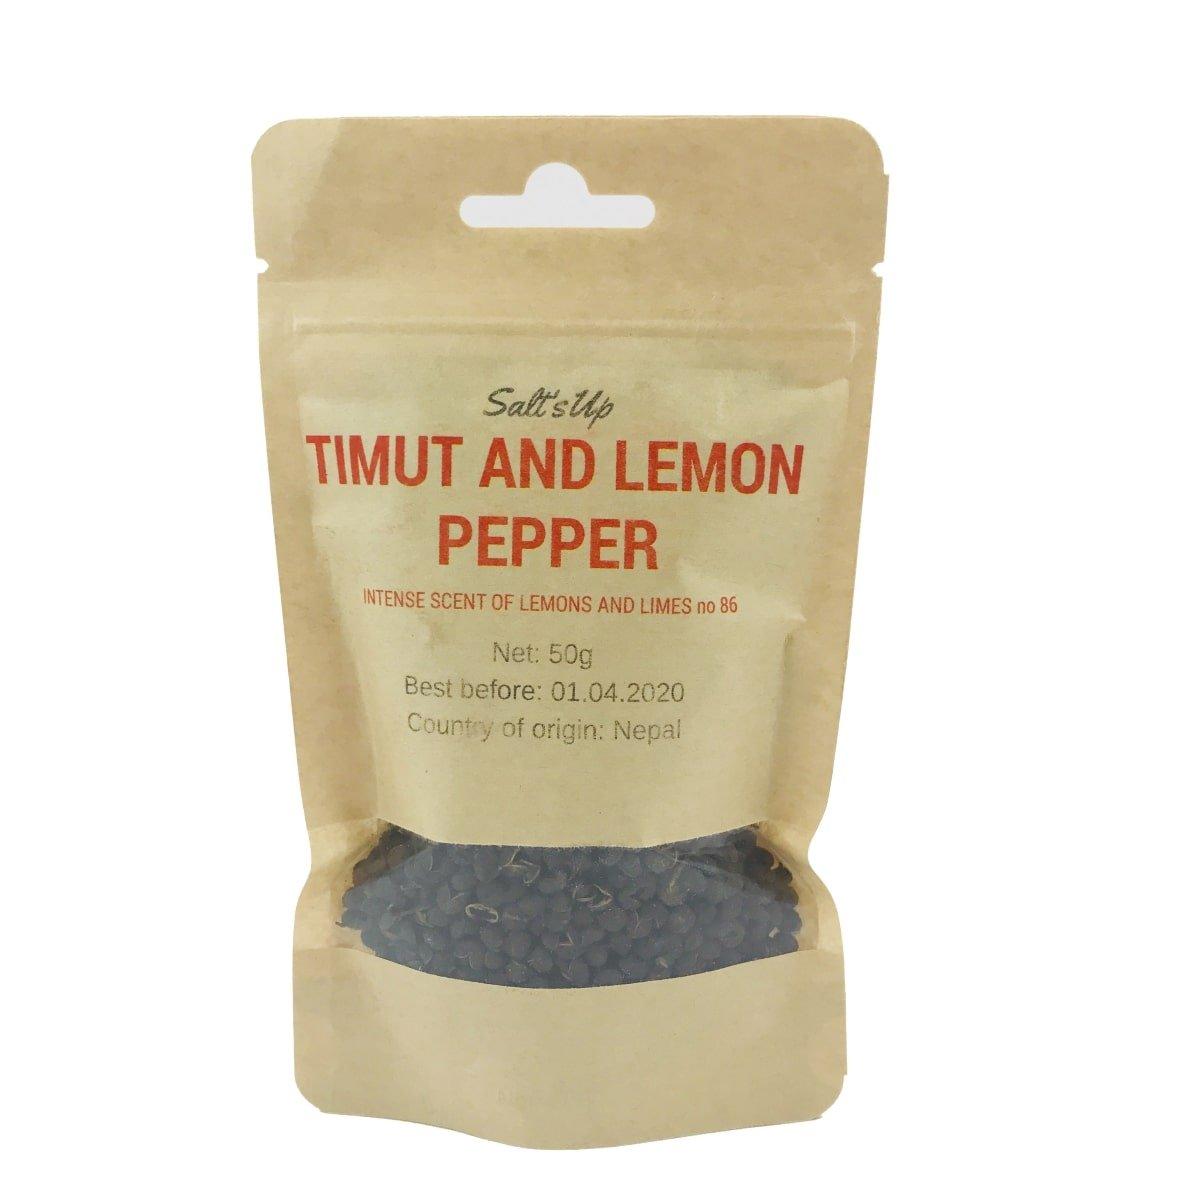 Salt's Up Timut & Lemon pepper, 50g.